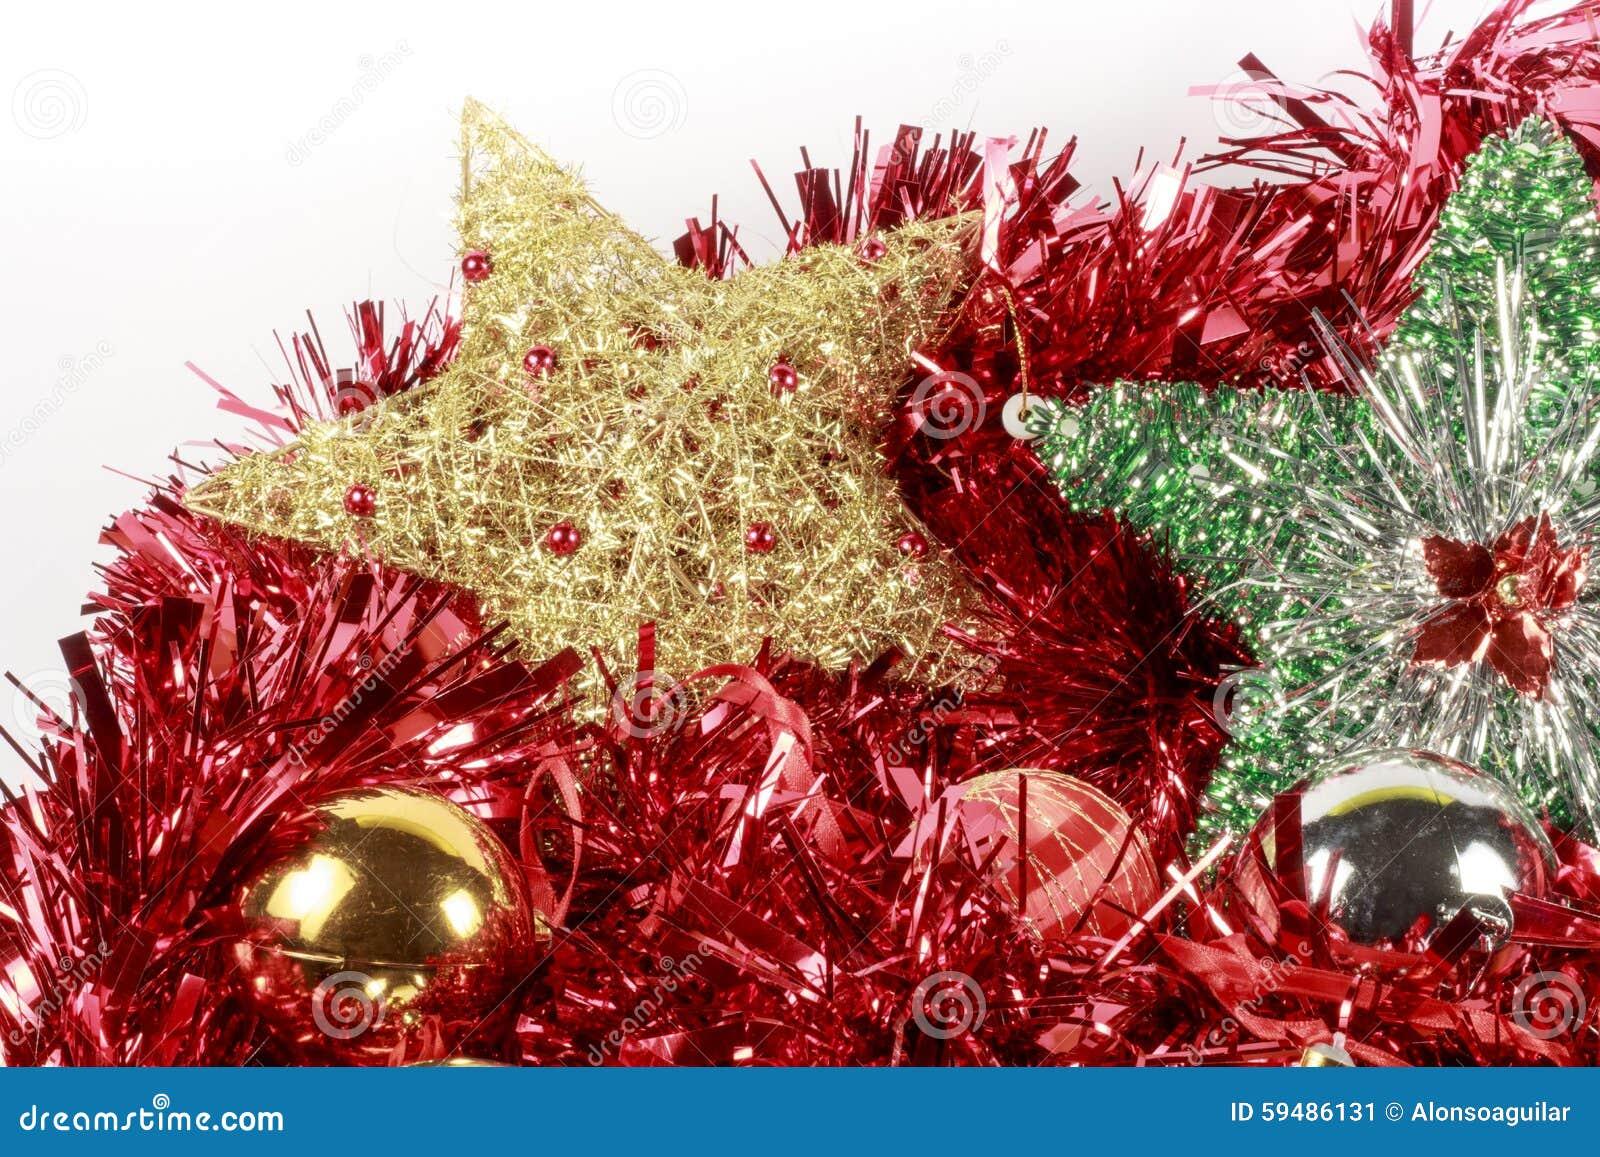 estrellas del rbol de navidad y chucheras de diversos tipos sobre una guirnalda roja foto de